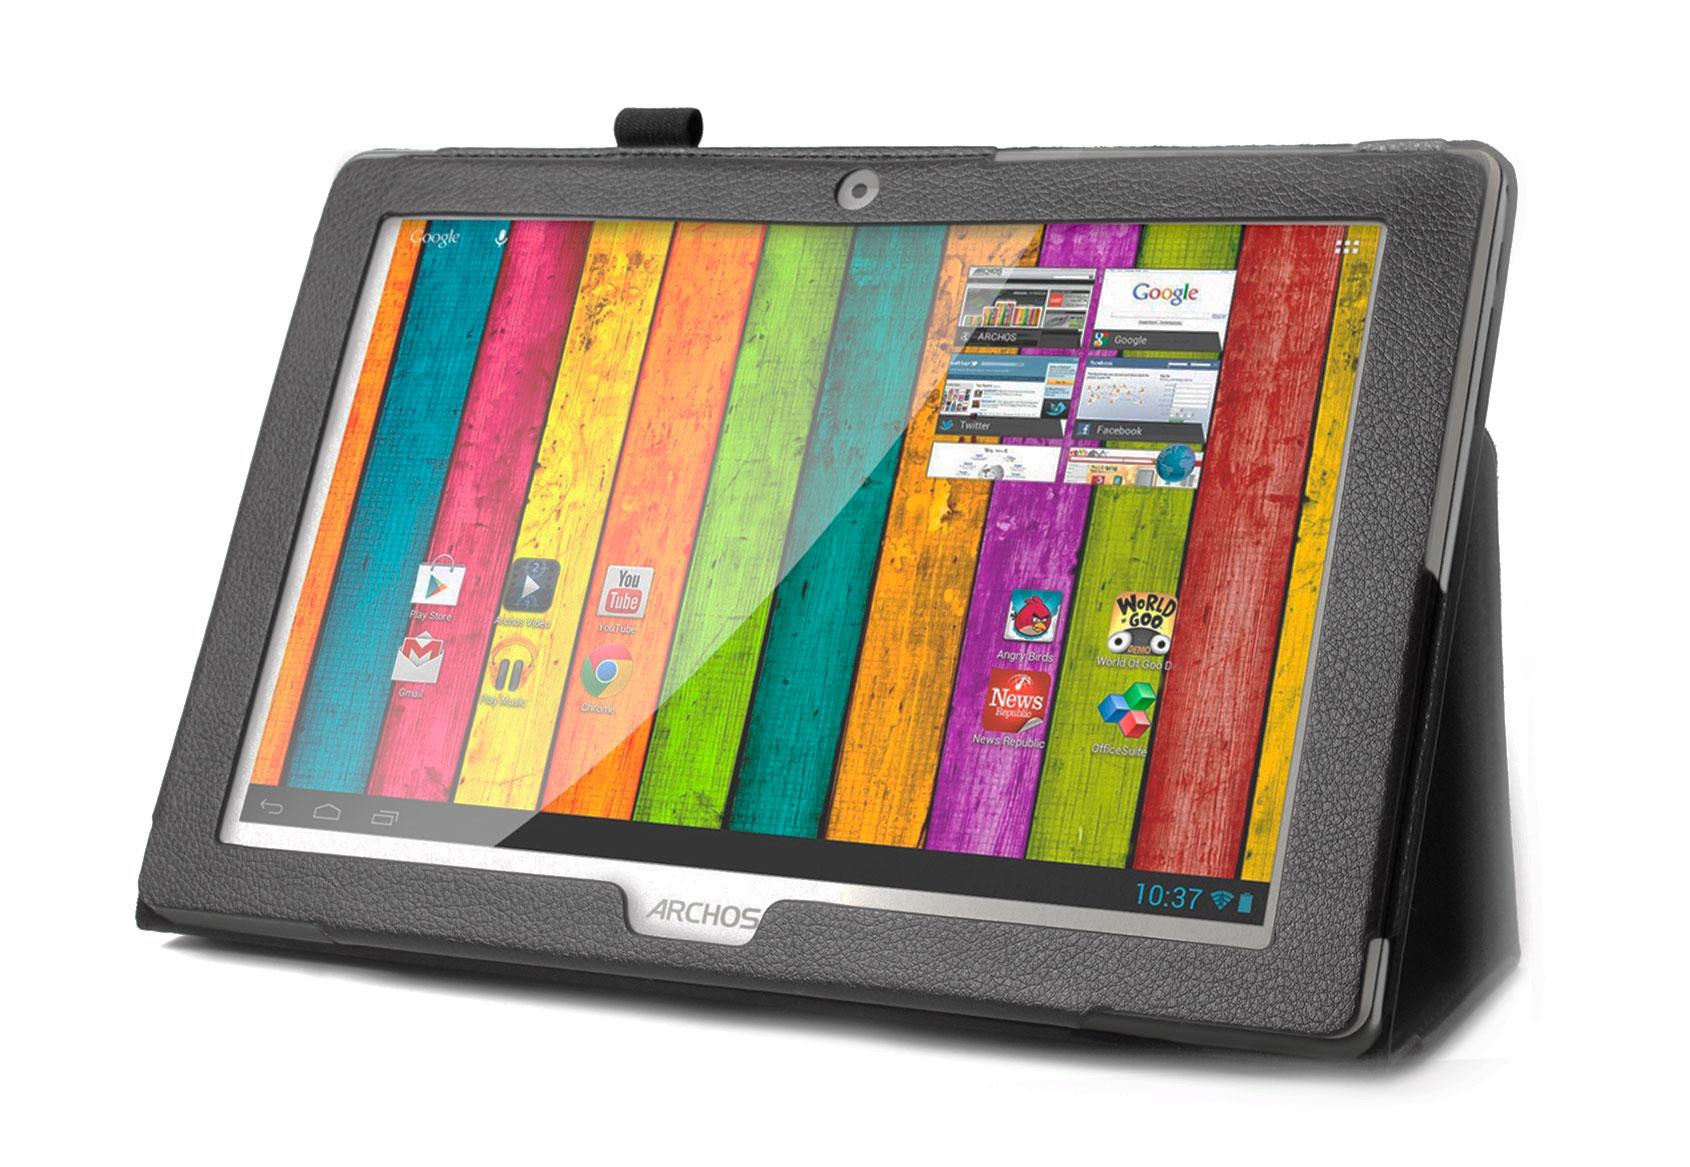 etui noir pour archos 101 titanium tablette 10 1 pouces android stylet noir ebay. Black Bedroom Furniture Sets. Home Design Ideas